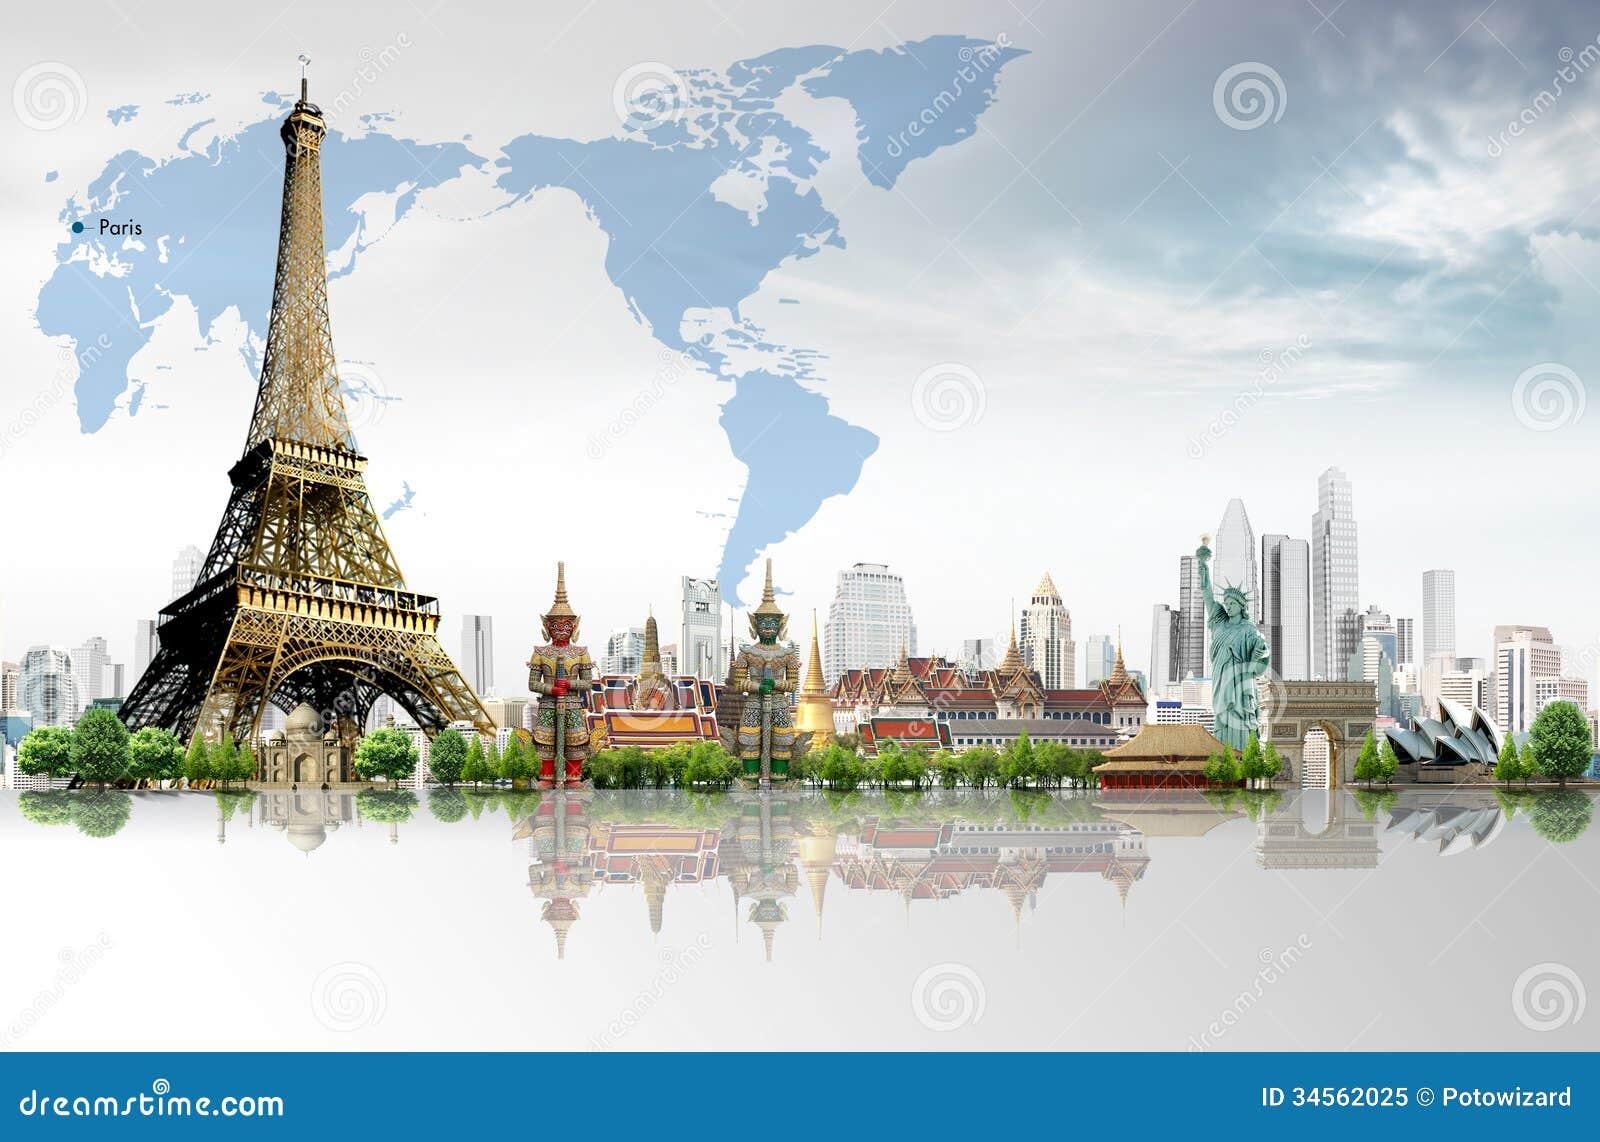 travel the world stock image image of maya journey 34562025